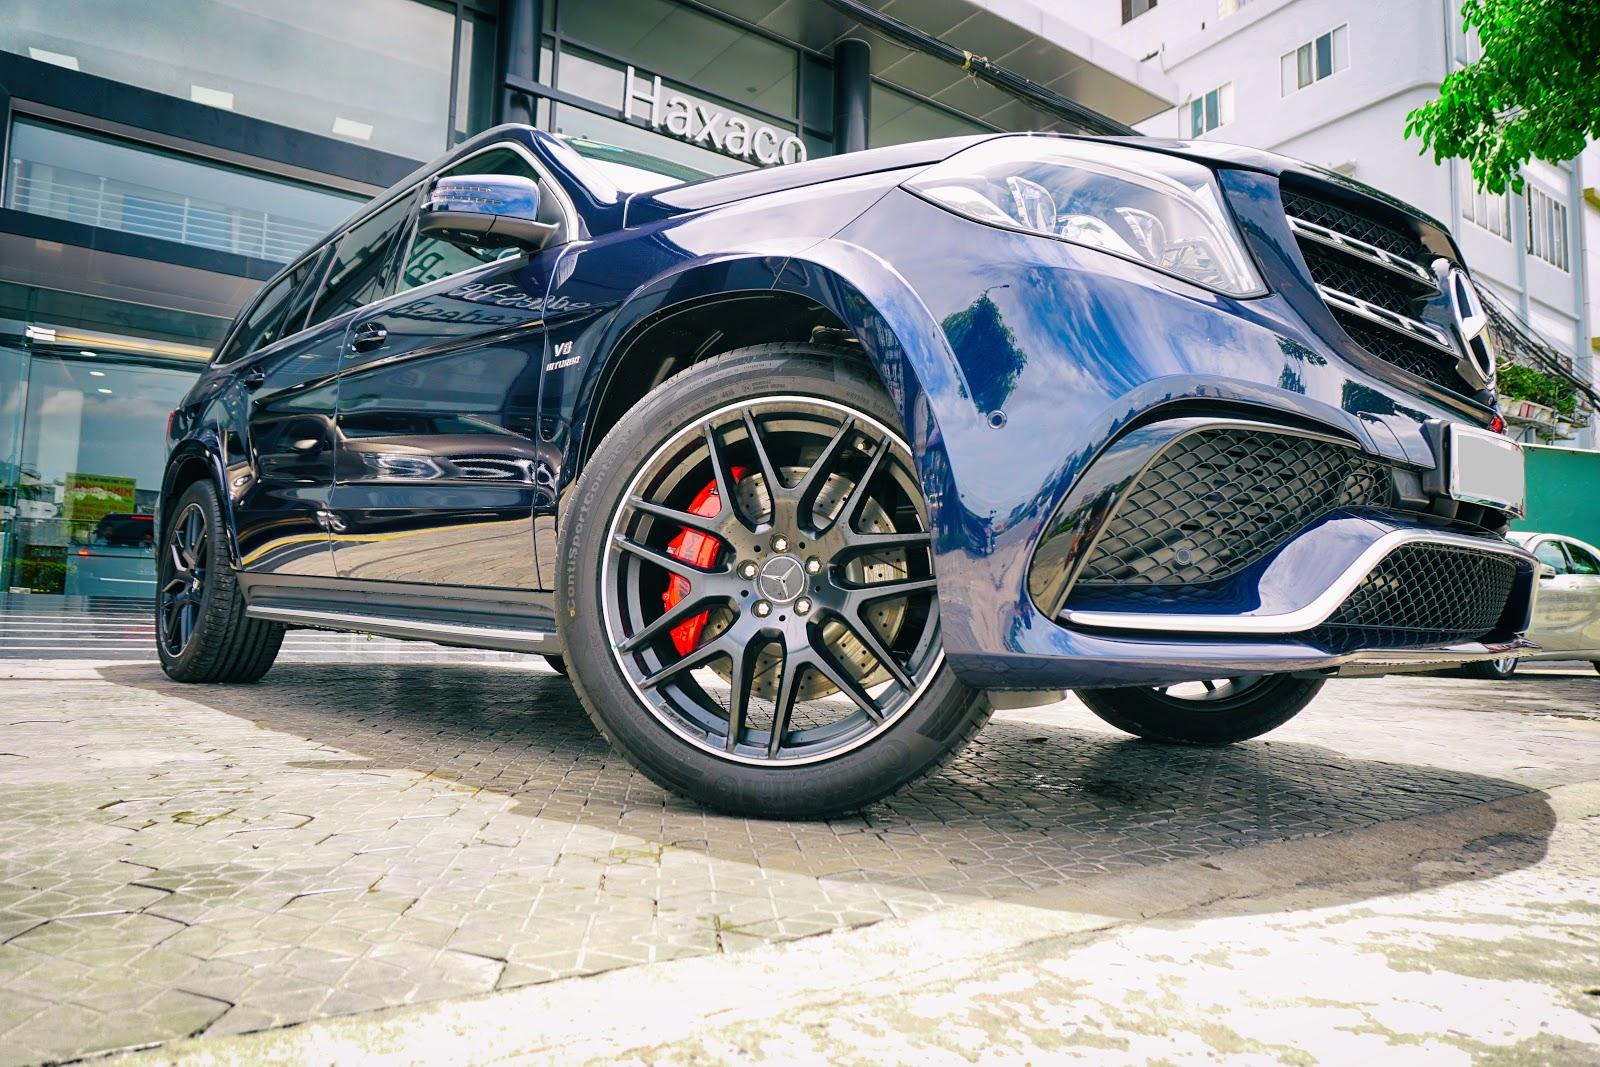 Đây là chiếc Mercedes-AMG GLS 63 duy nhất tại Việt Nam thời điểm hiện tại